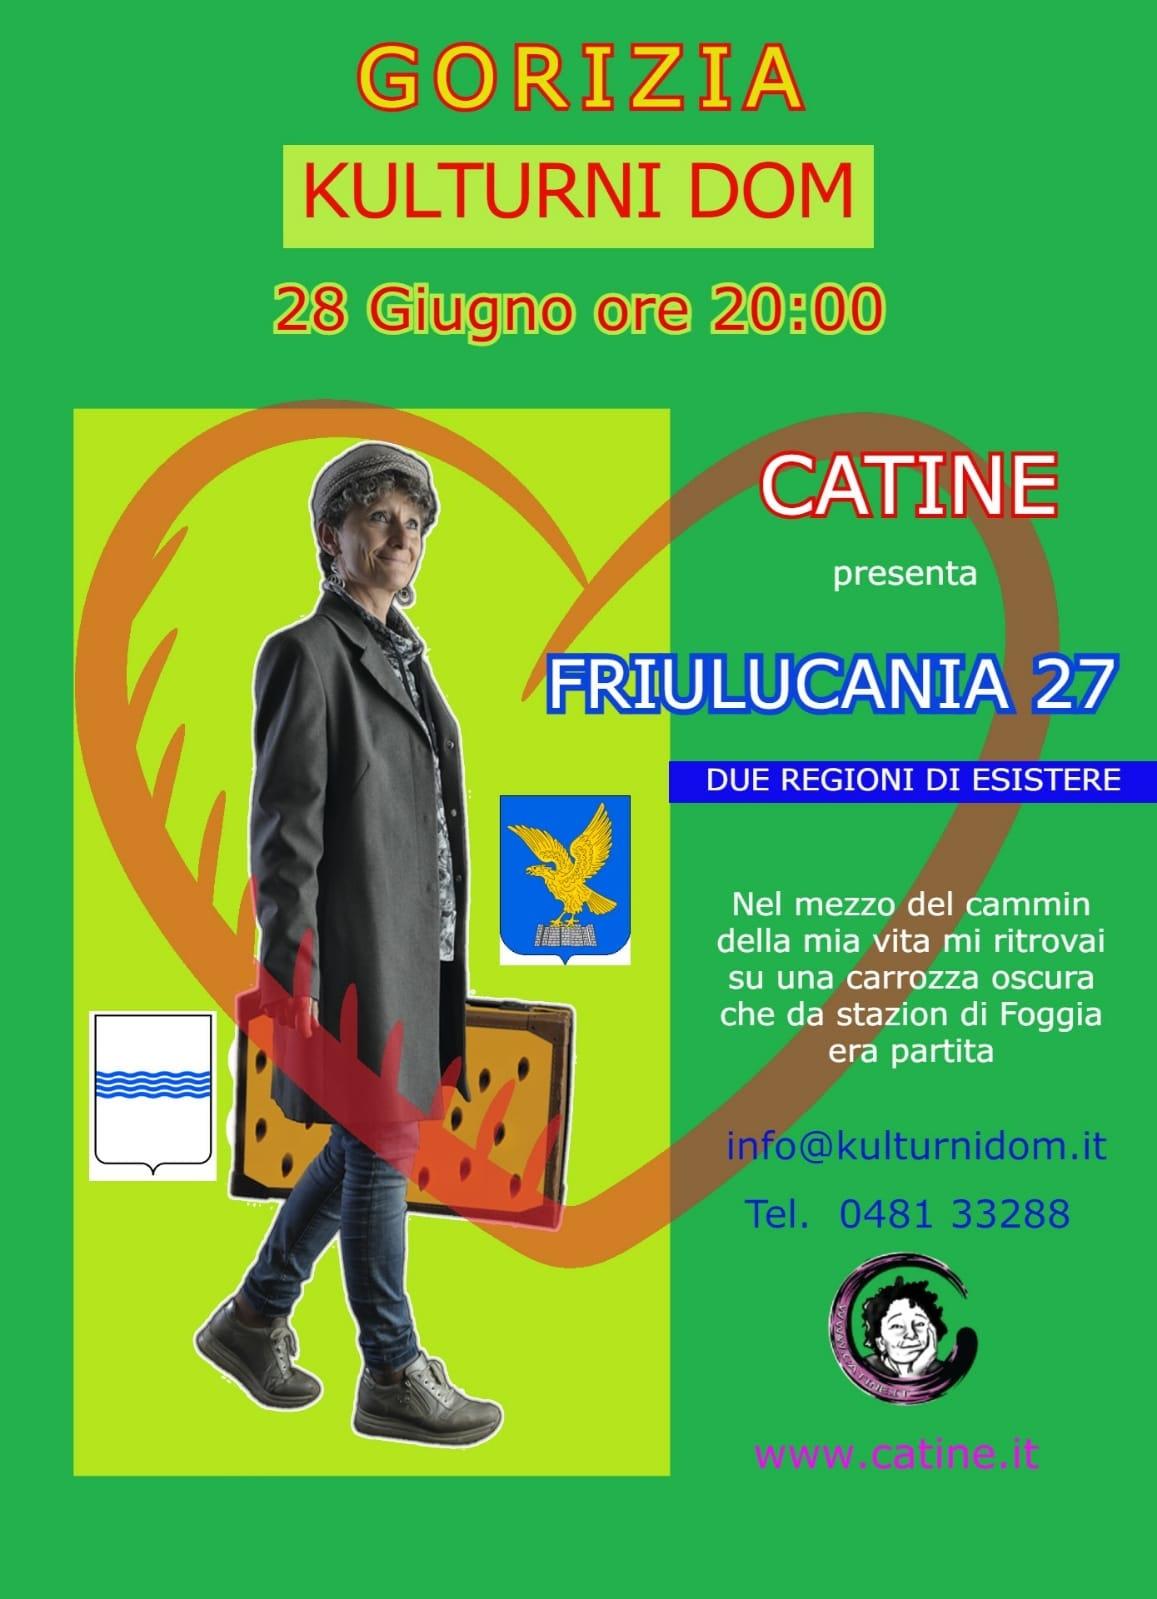 Catine SHOW, MÀTS DI LEÀ